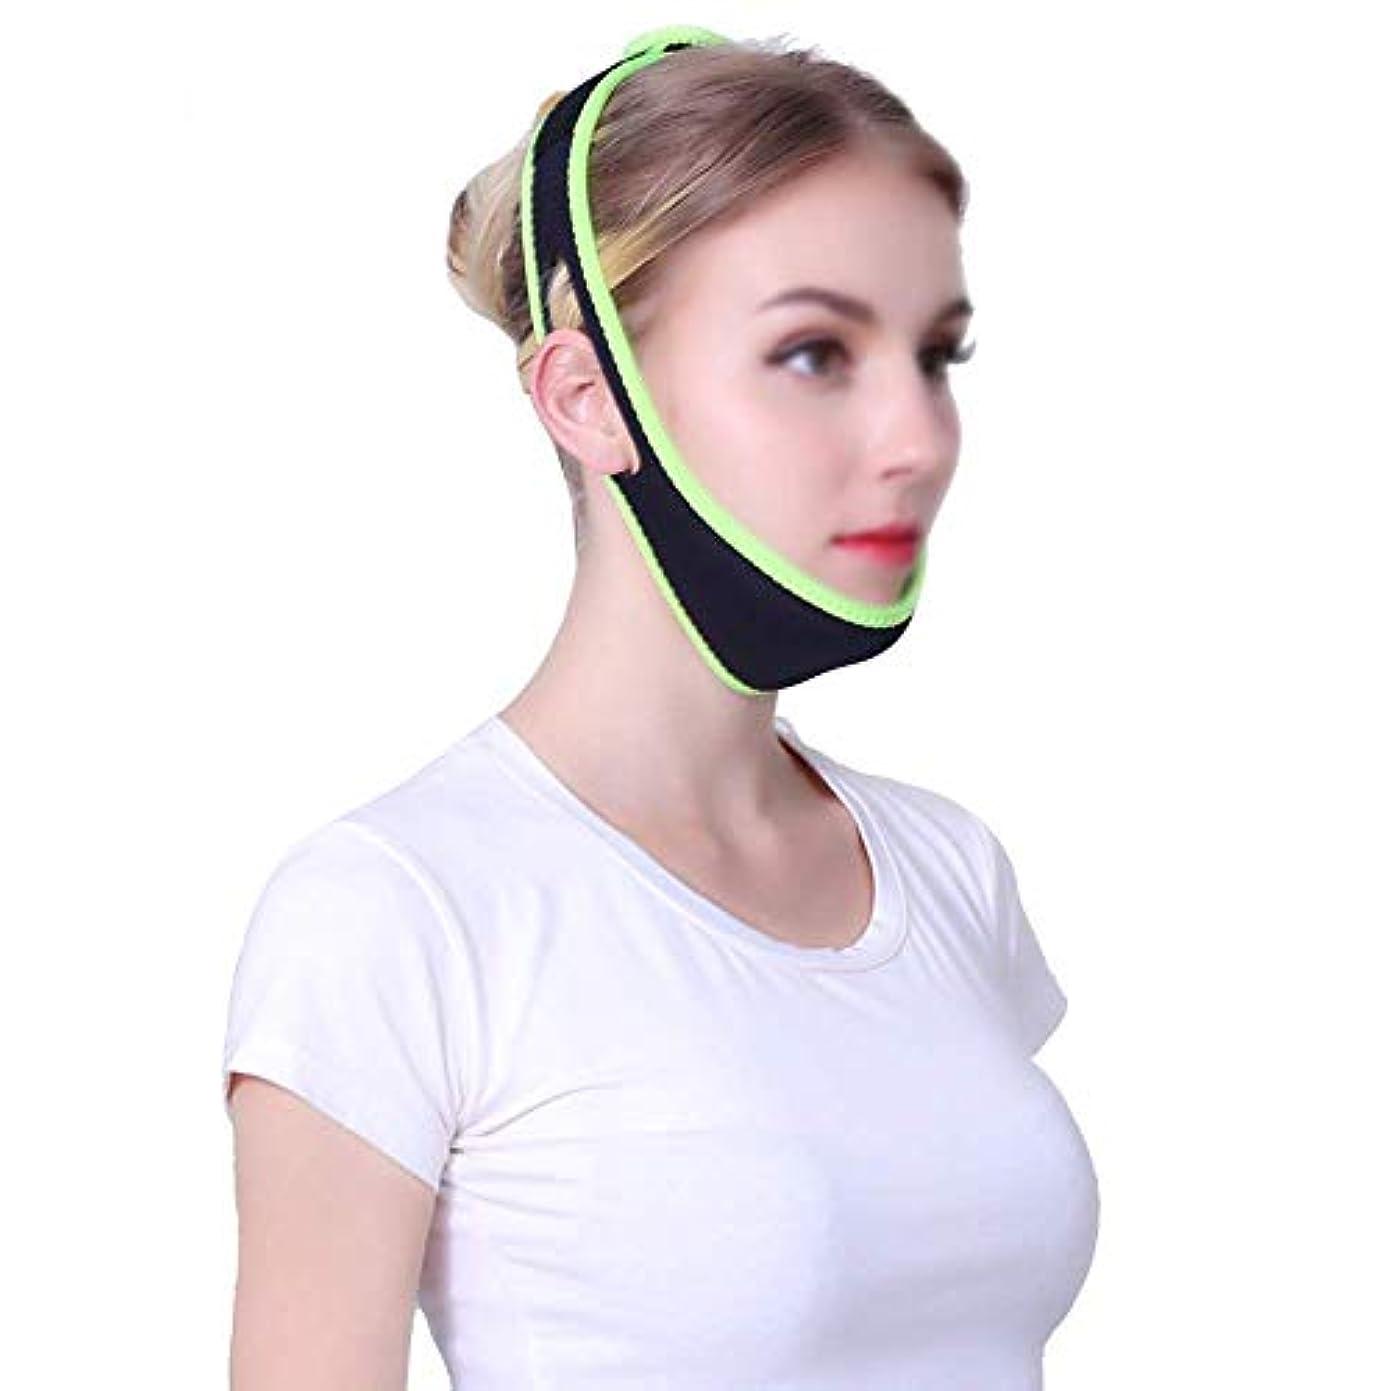 誕生透けるモードファーミングフェイスマスク、小さなVフェイスアーティファクト睡眠薄いフェイス包帯マスクリフティングマスクファーミングクリームフェイスリフトフェイスメロンフェイス楽器